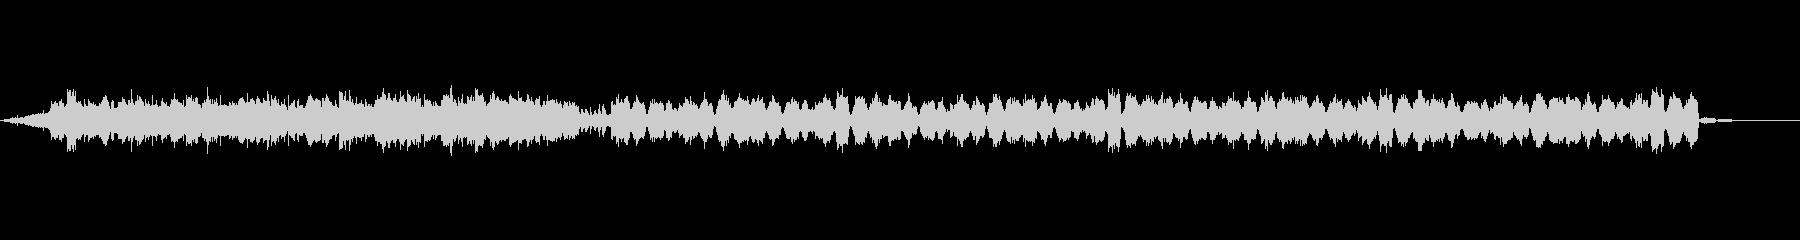 洋楽風オシャレなフューチャーベースの未再生の波形